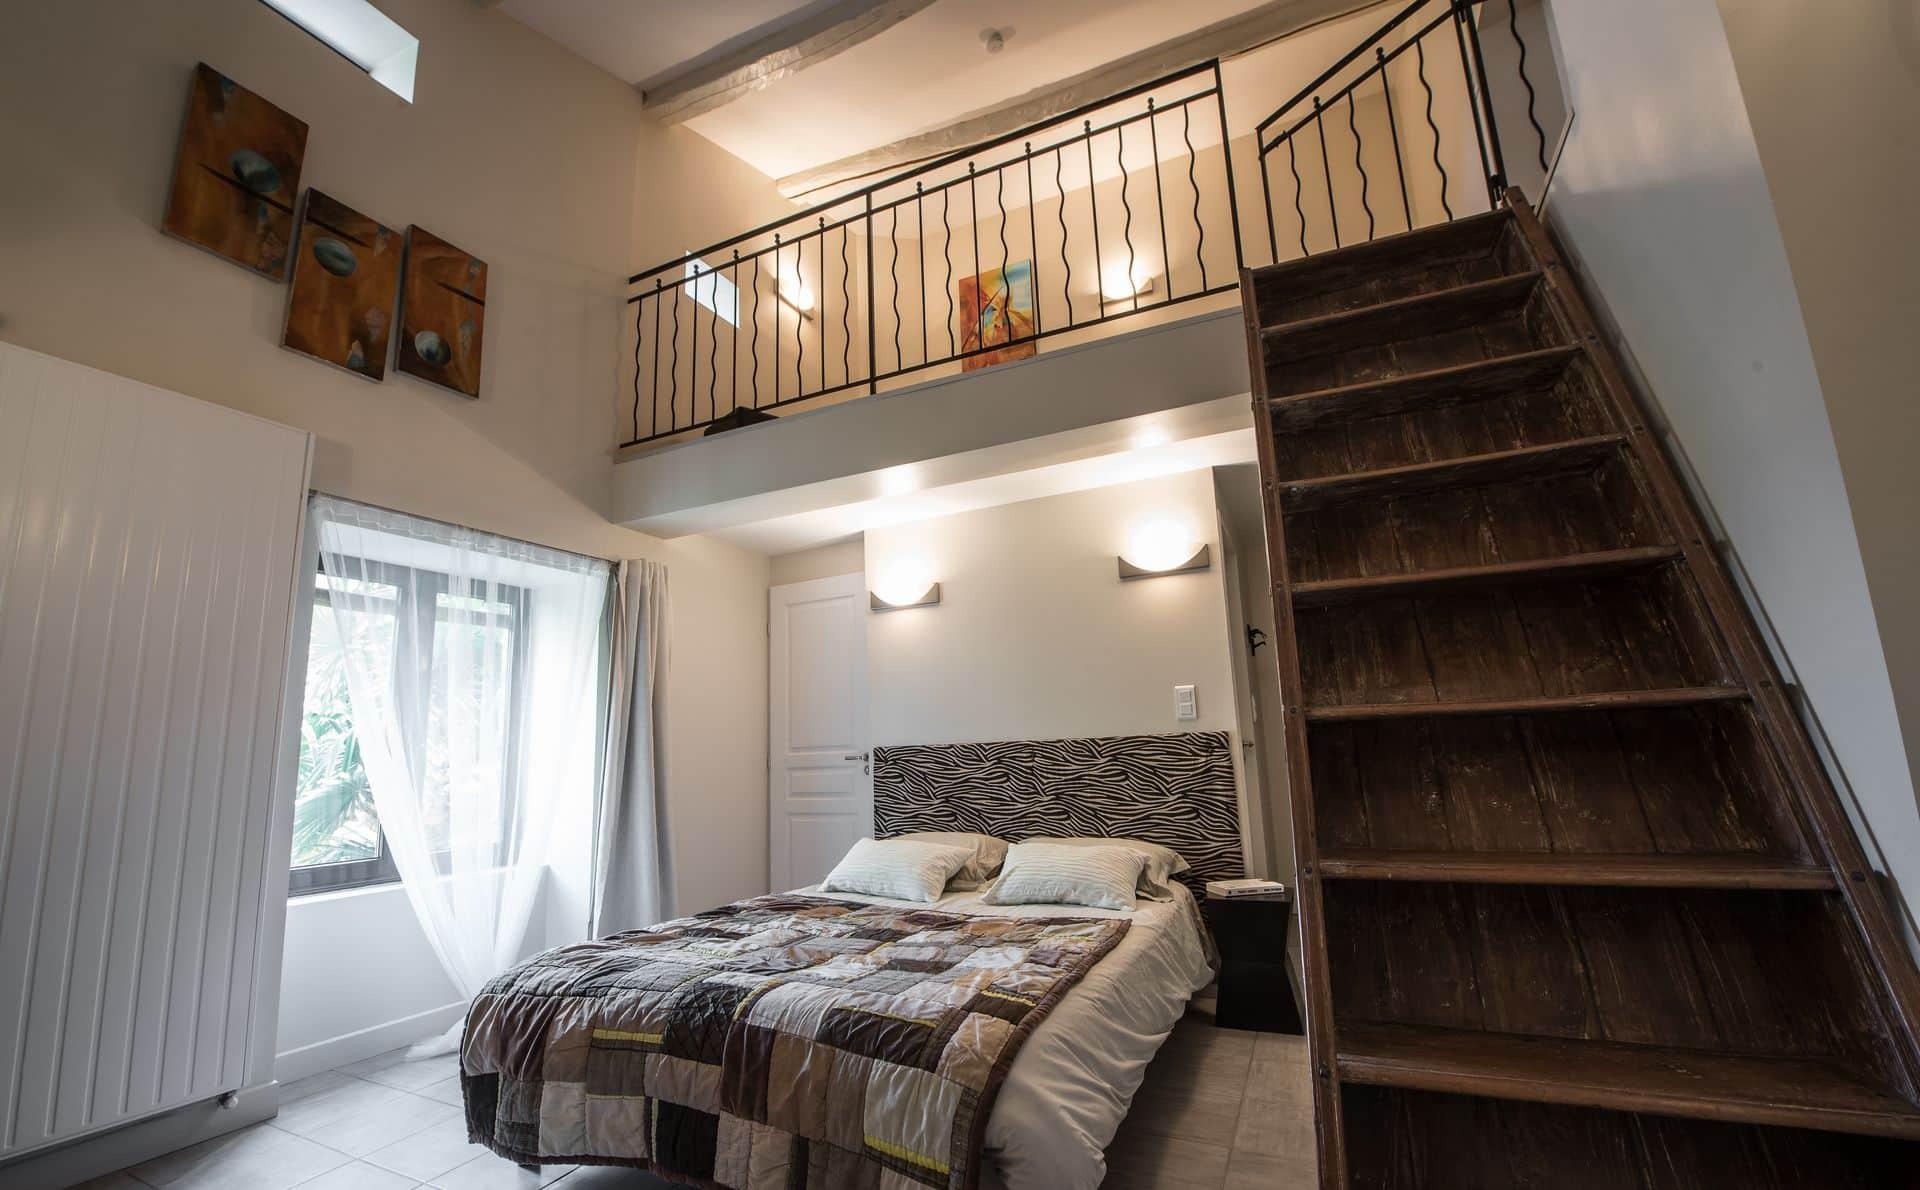 La chambre Icare de la Maison d'hôtes Altamica